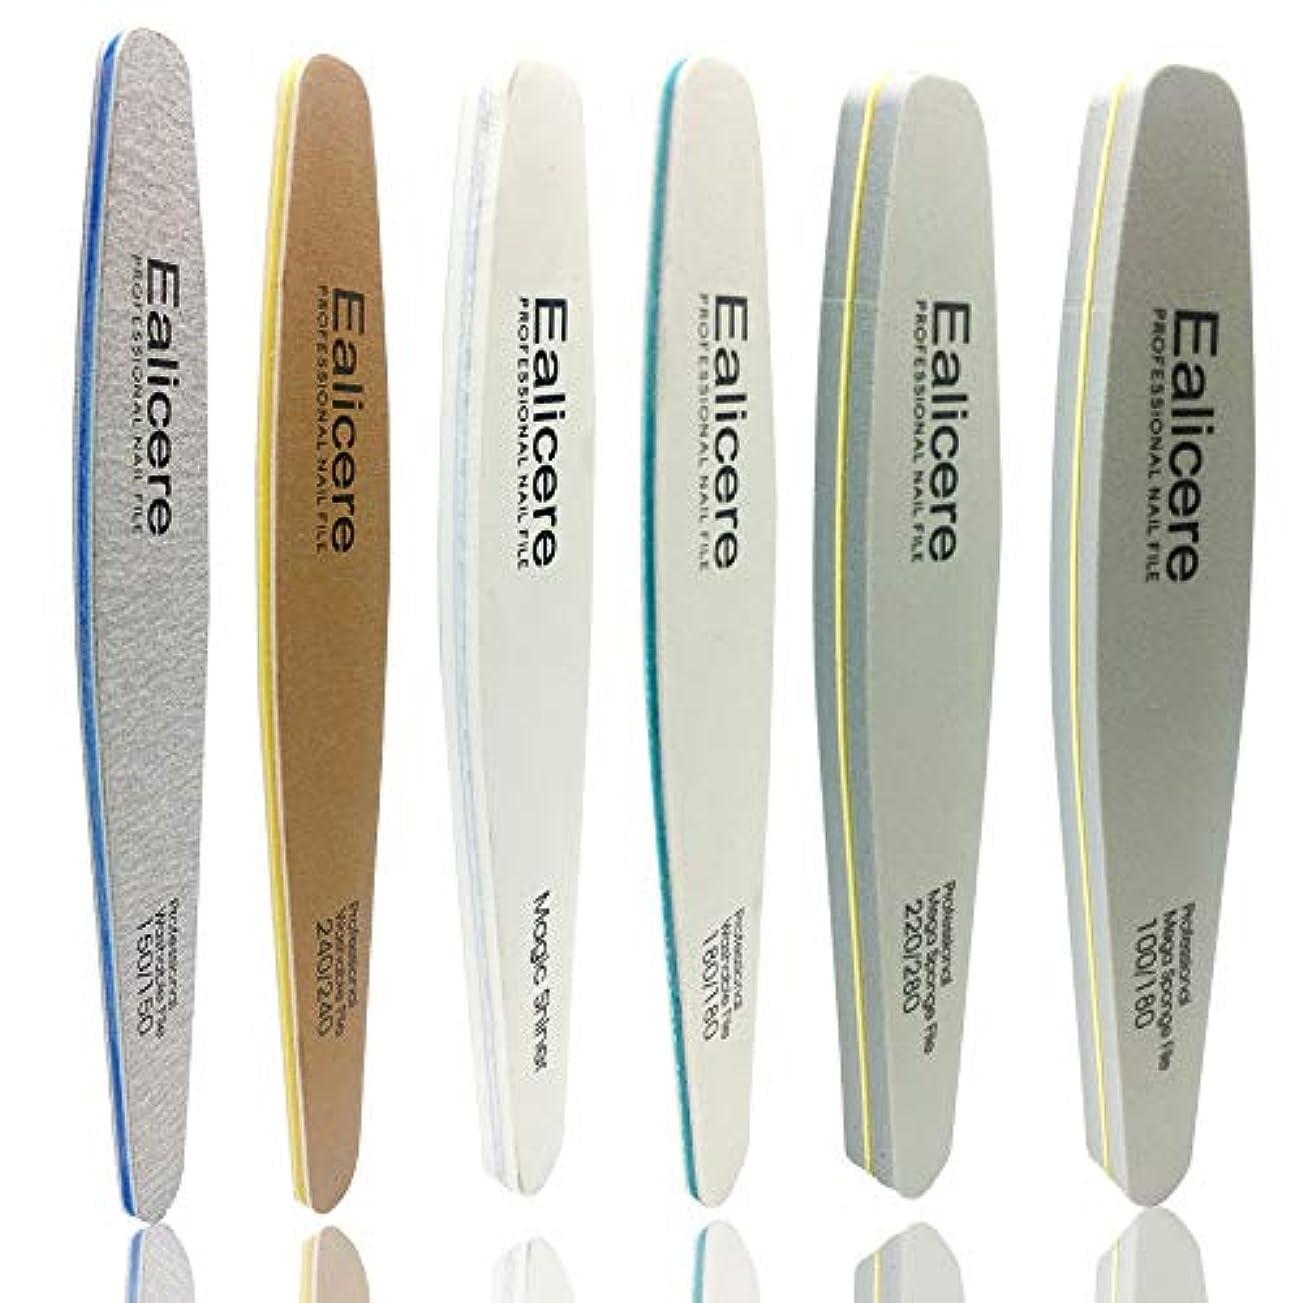 ブルシュリンク湿った6個入 のネイルツール ネイル 爪やすり サンディングファイルセット ネイルアートケア用スポンジネイルファイルおよび研磨ブロック両面デザイン